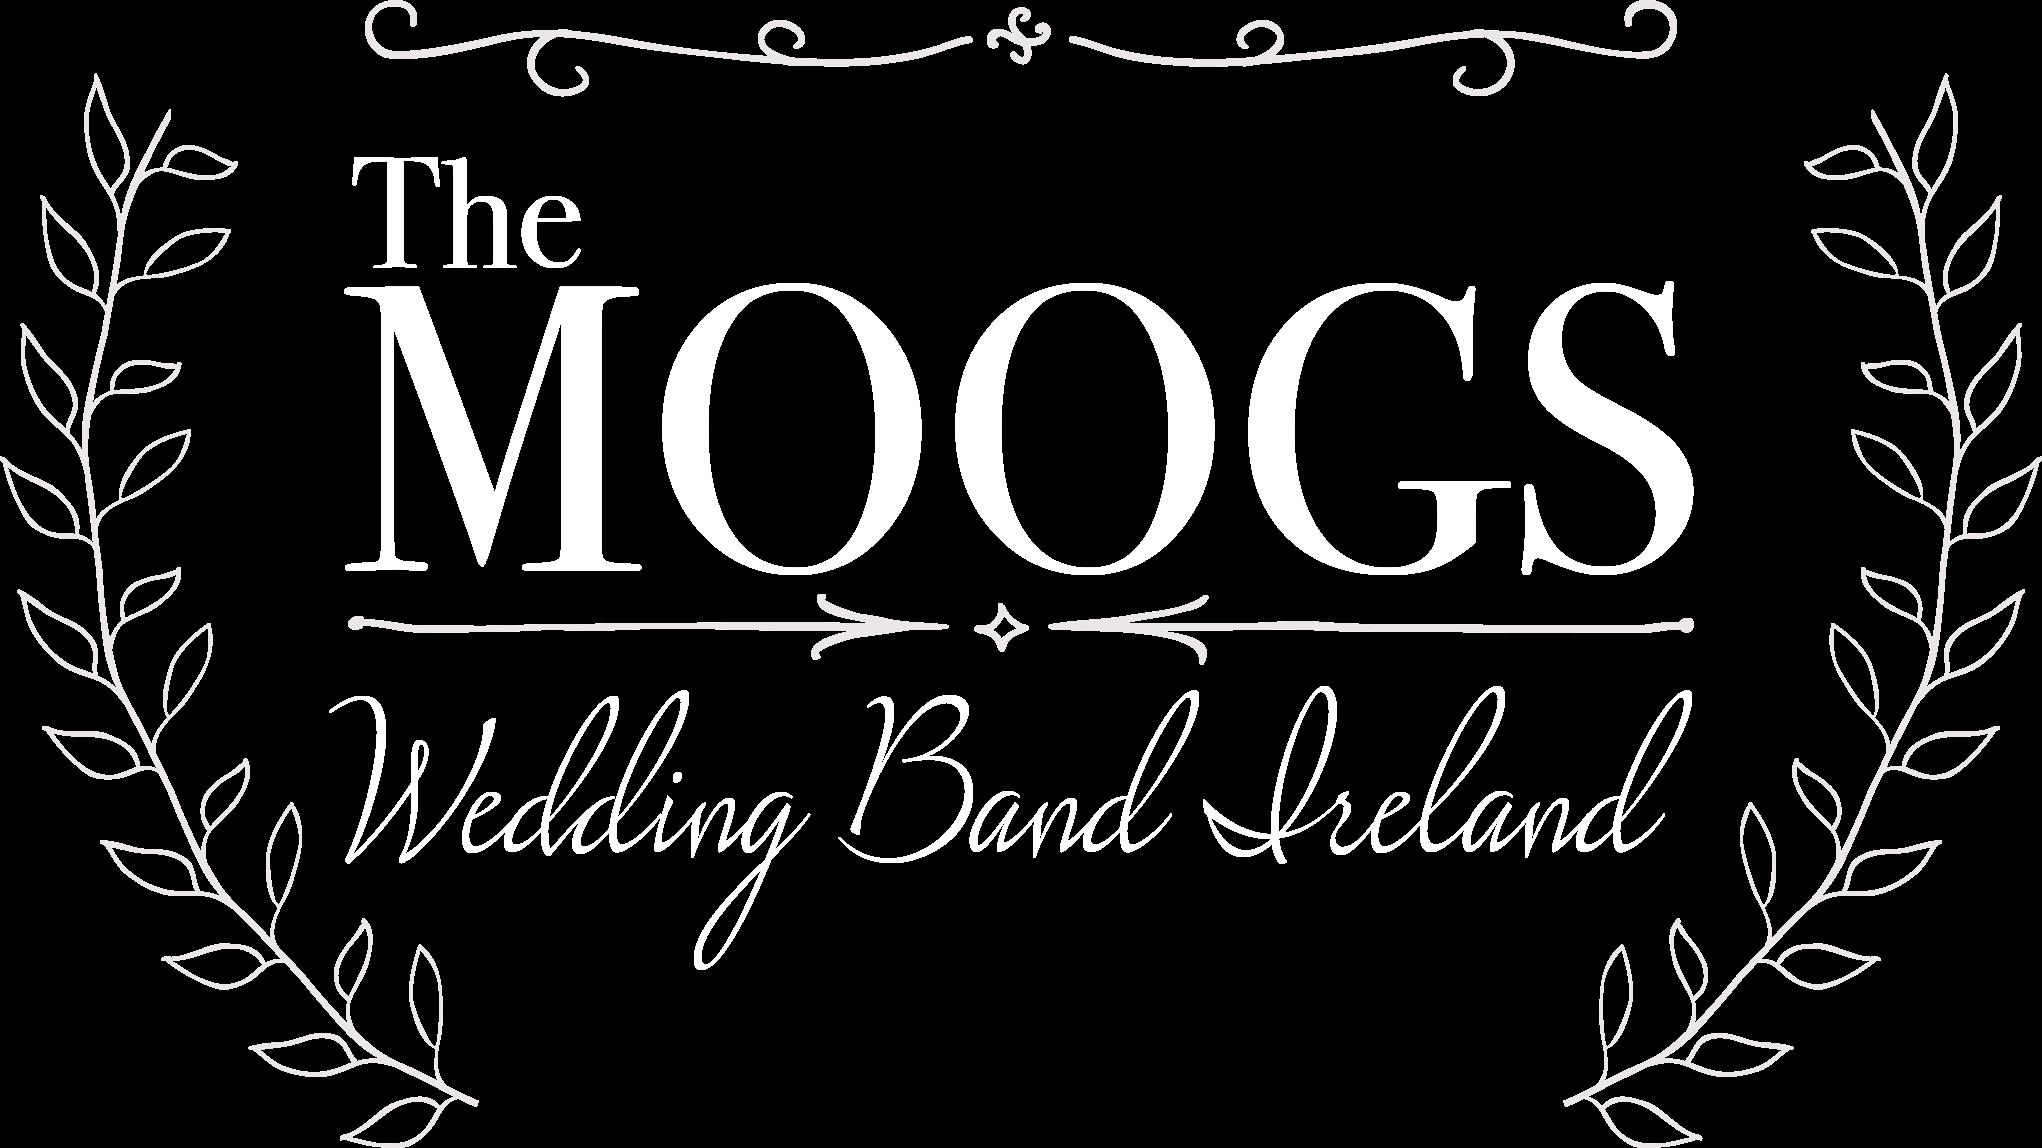 Wedding Bands Ireland - The Moogs